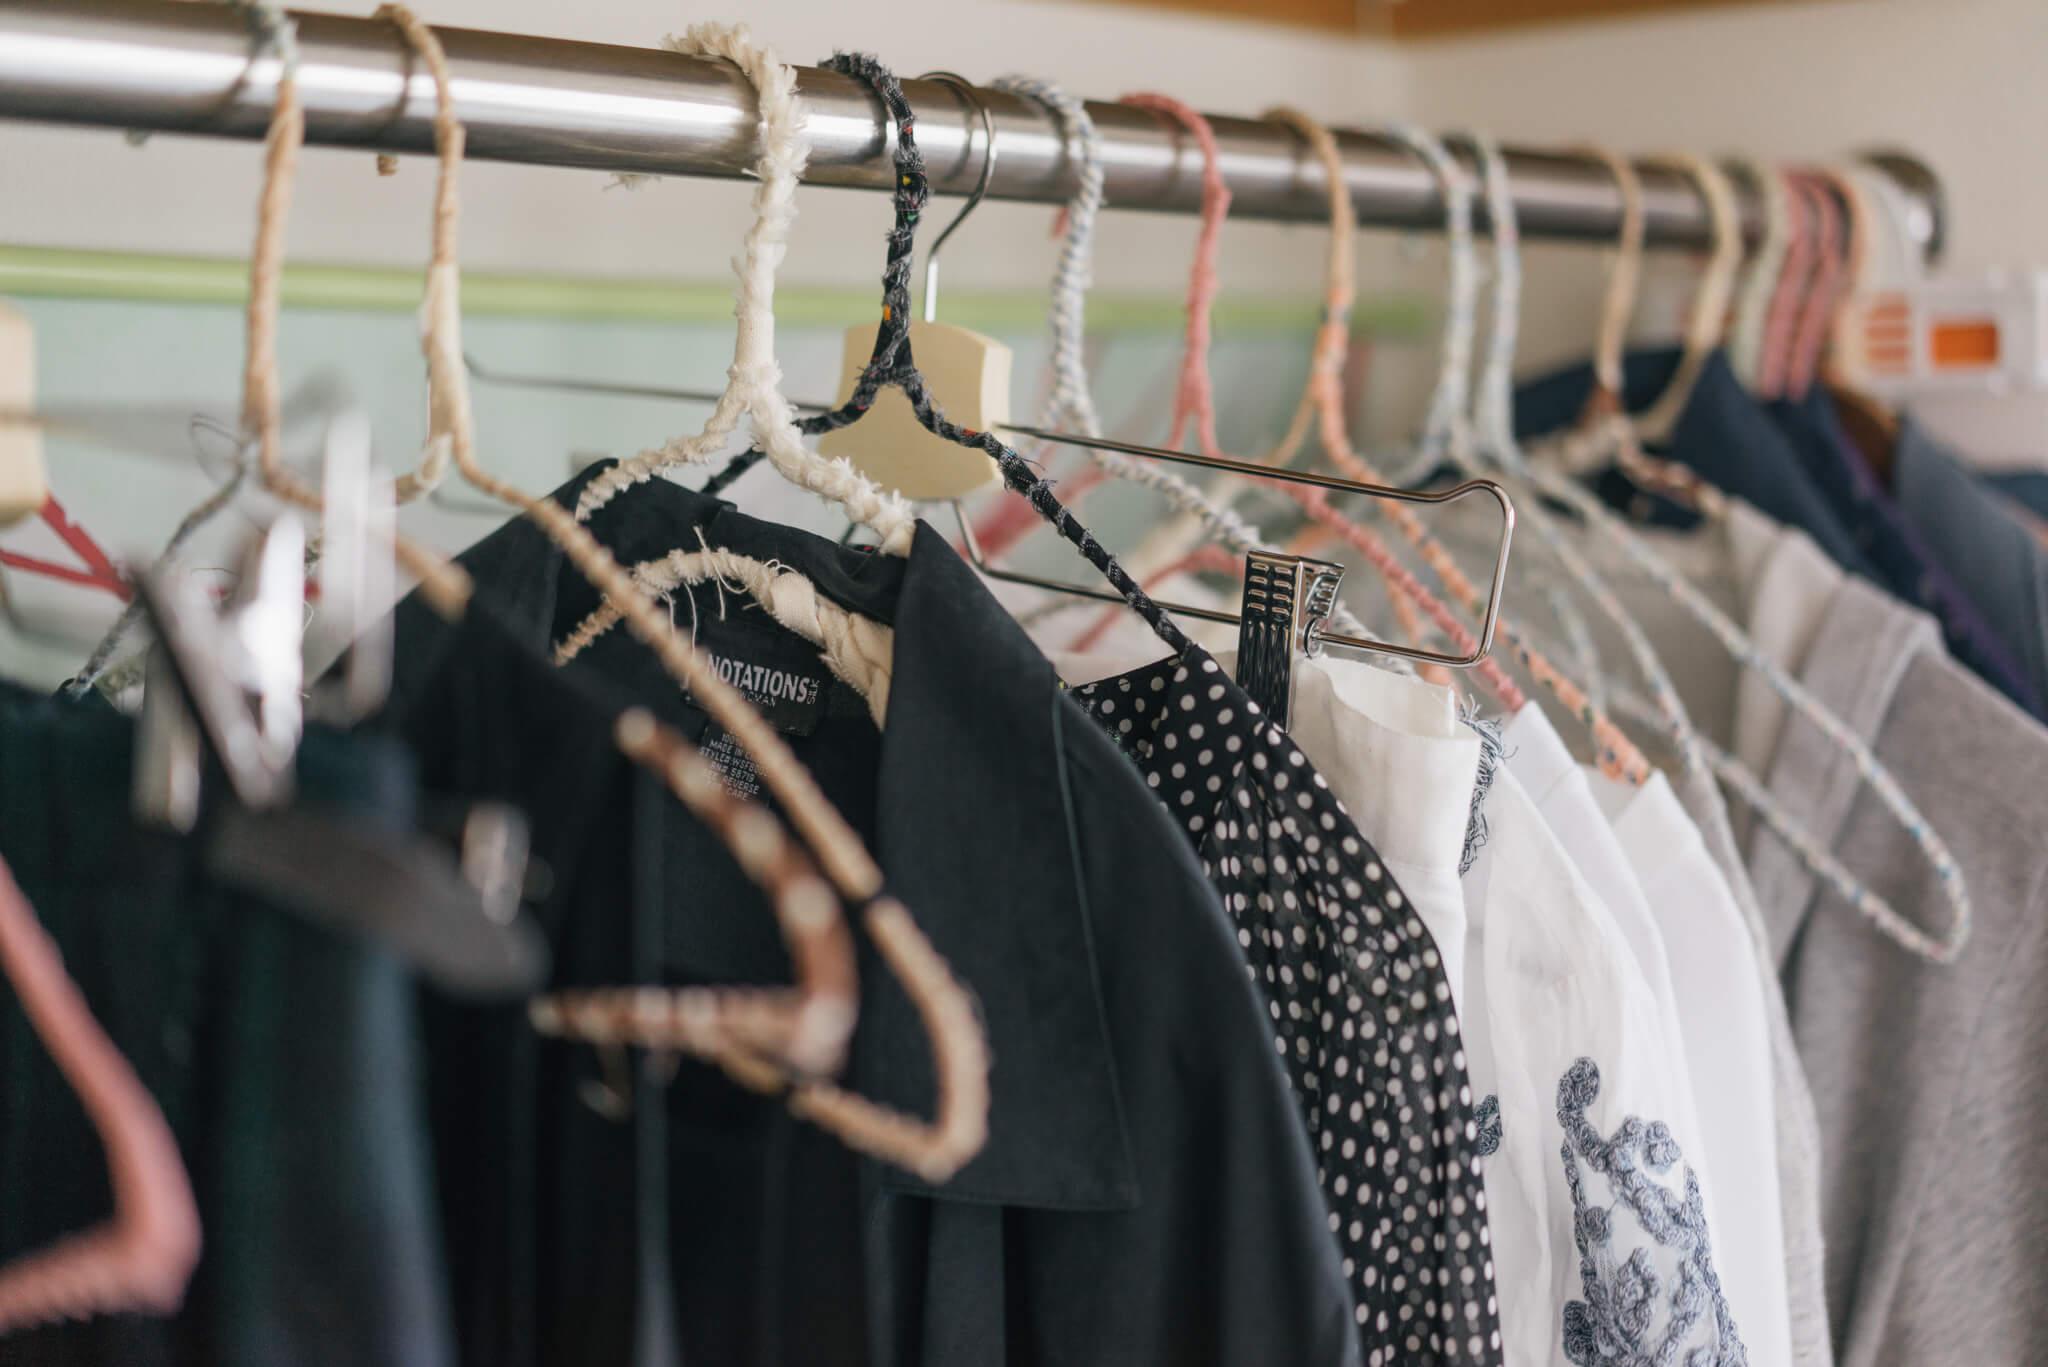 クローゼットのハンガーは全て、100円ショップで買ってきた針金ハンガーに布をぐるぐる巻きにしたもの。